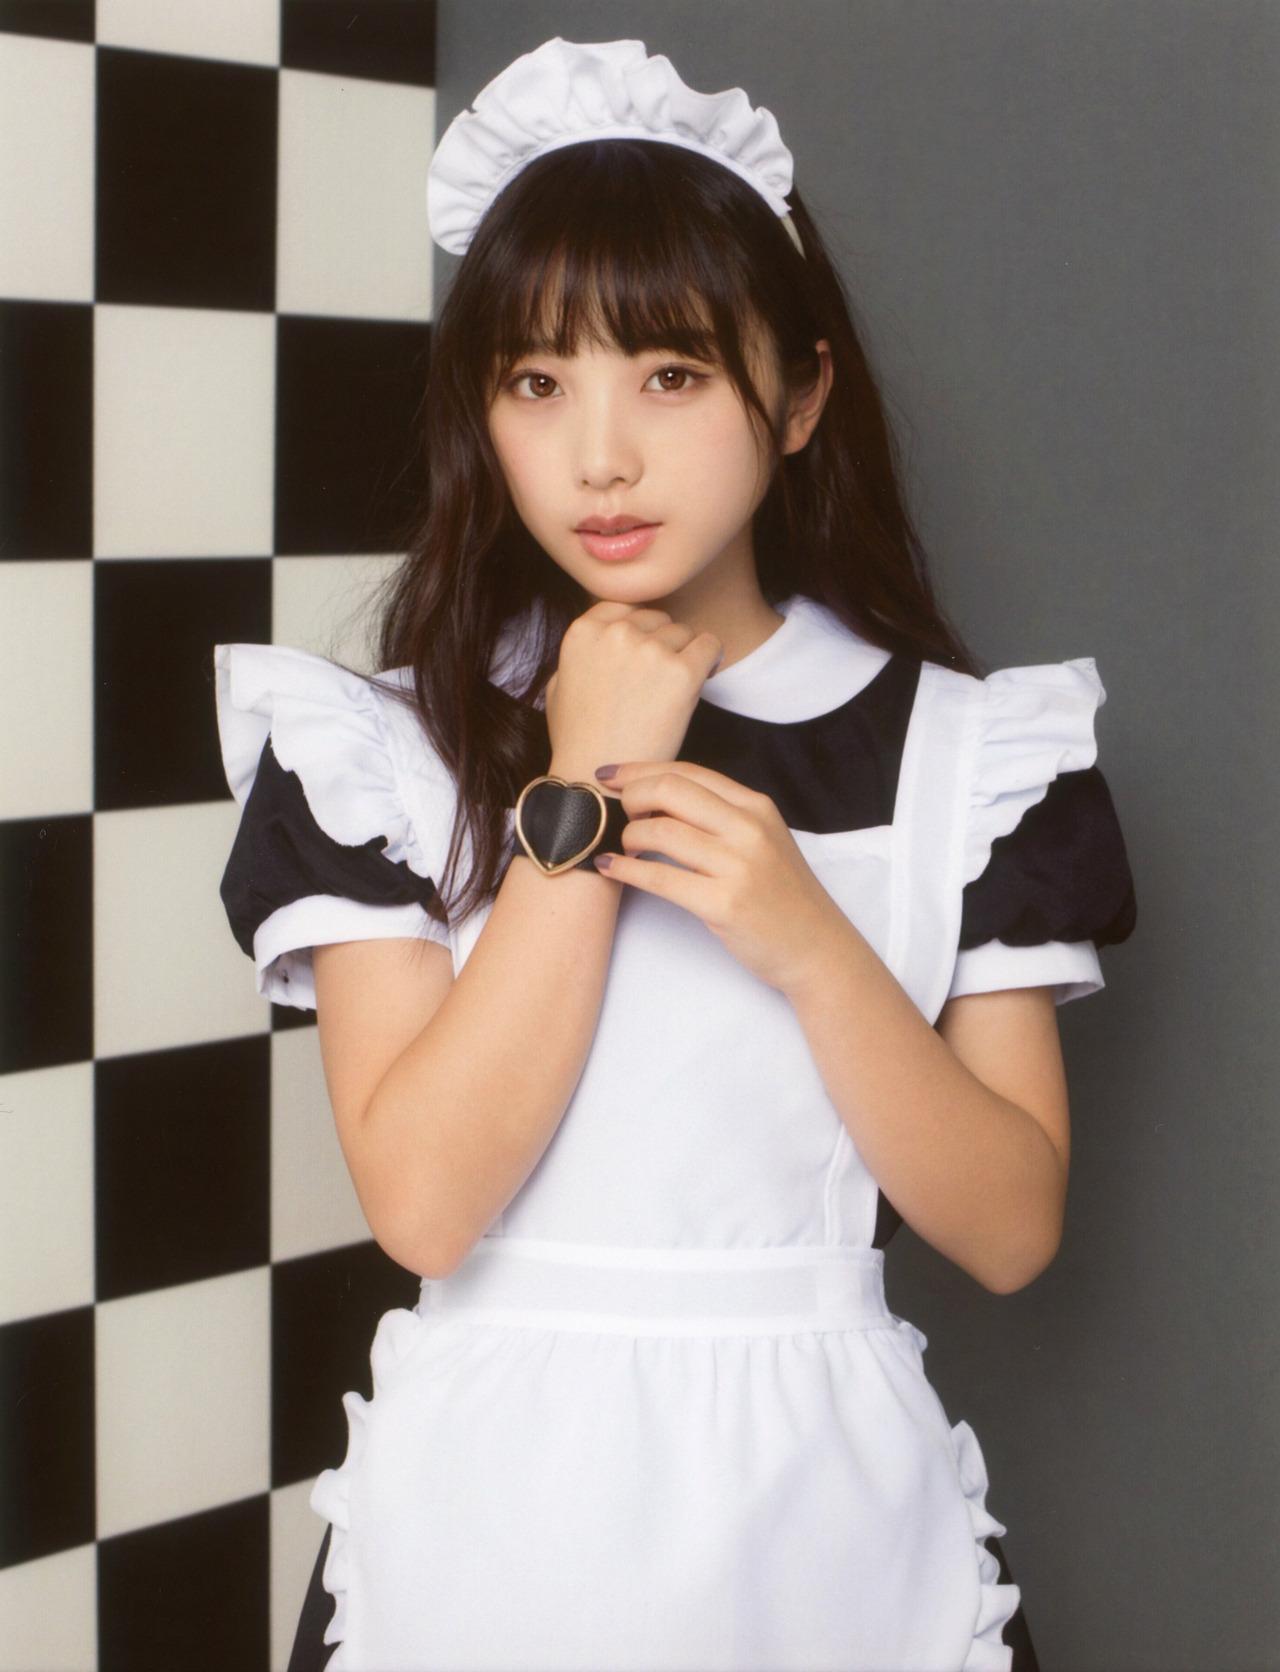 00年生日本小姐姐「与田祐希」女仆装 美呆了 第4张